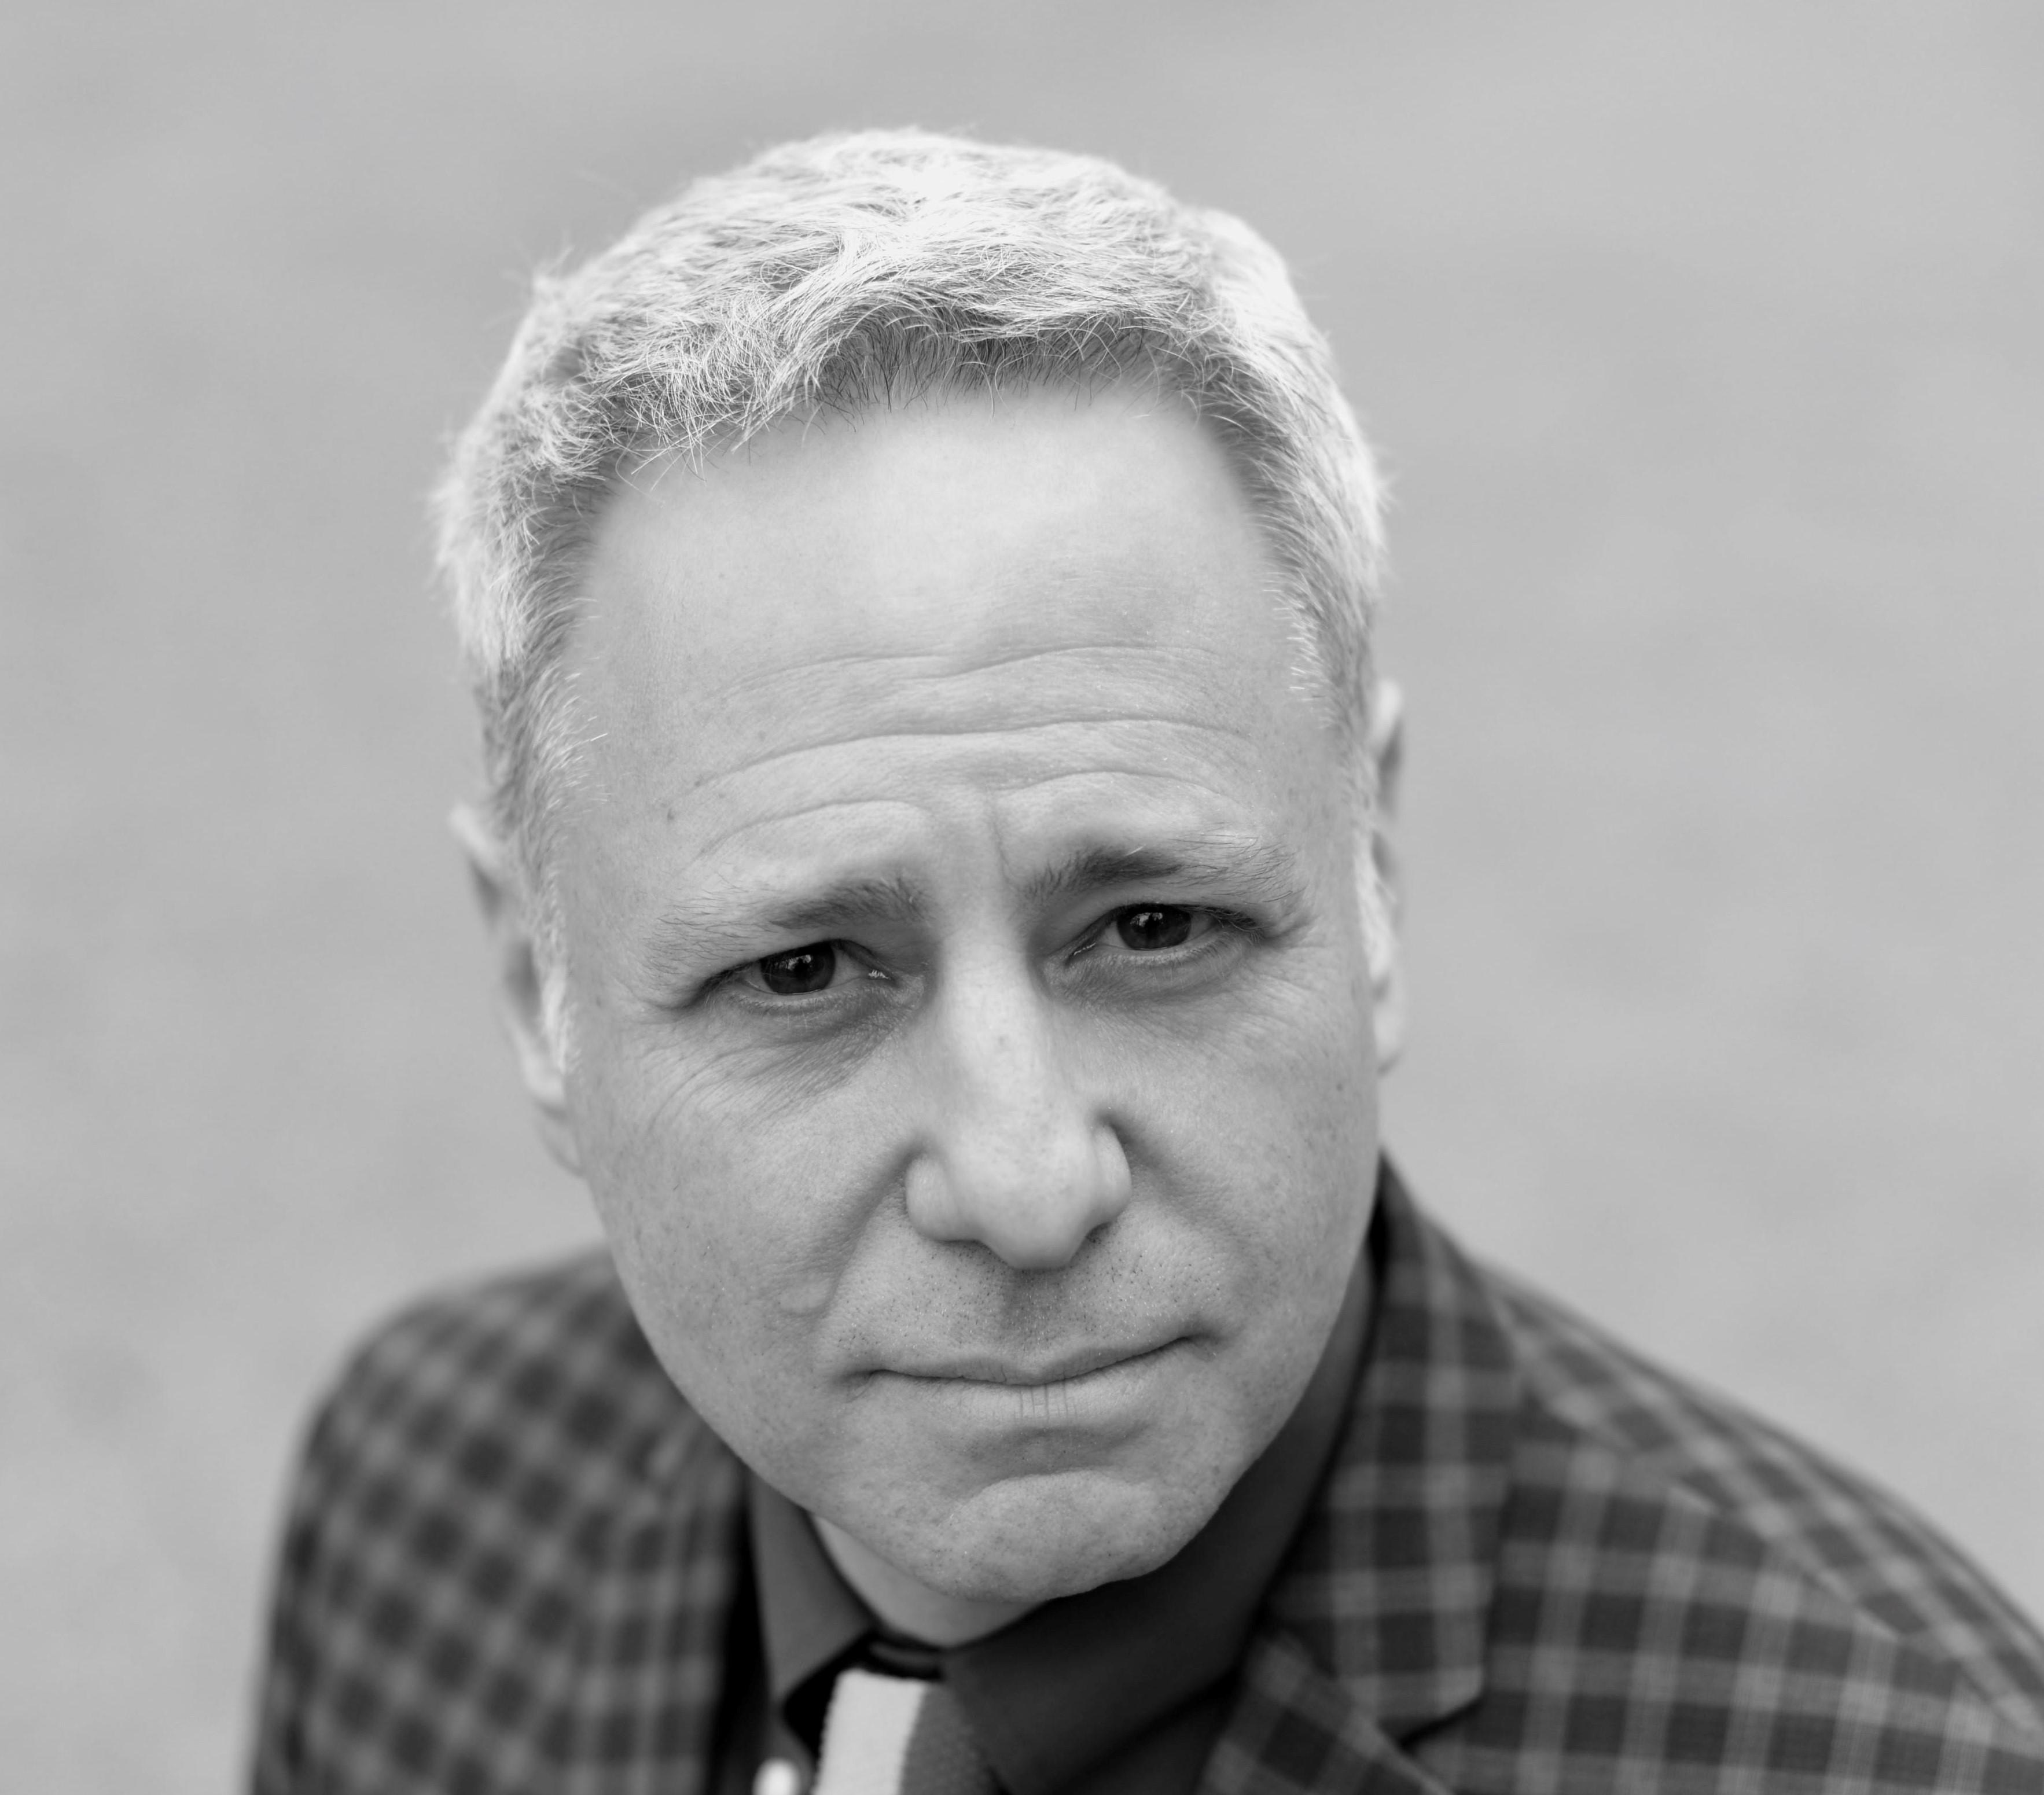 Portrait of Steven Stoll